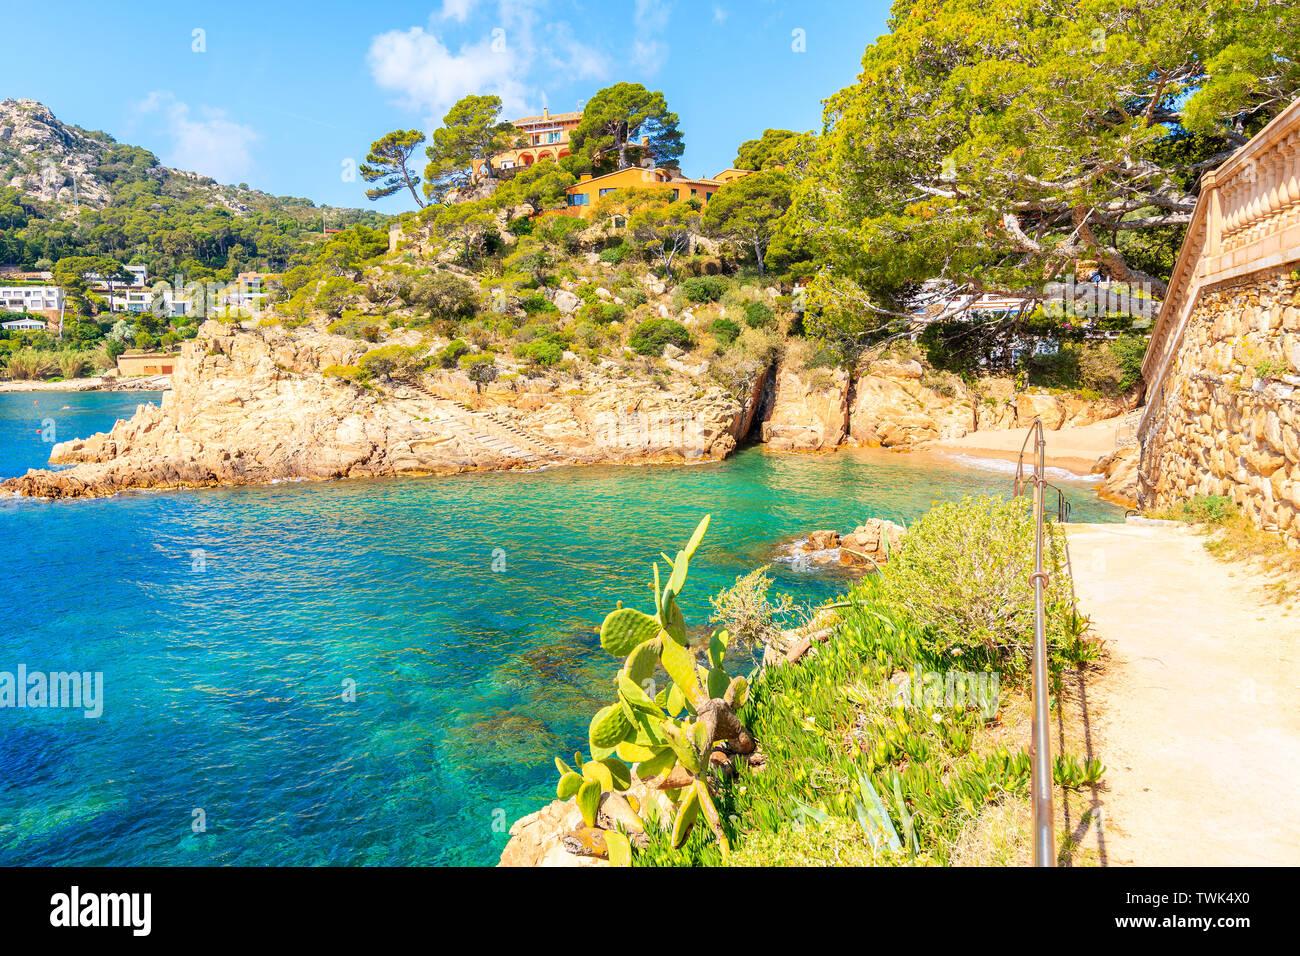 Coastal path along sea in picturesque Fornells village, Costa Brava, Spain Stock Photo